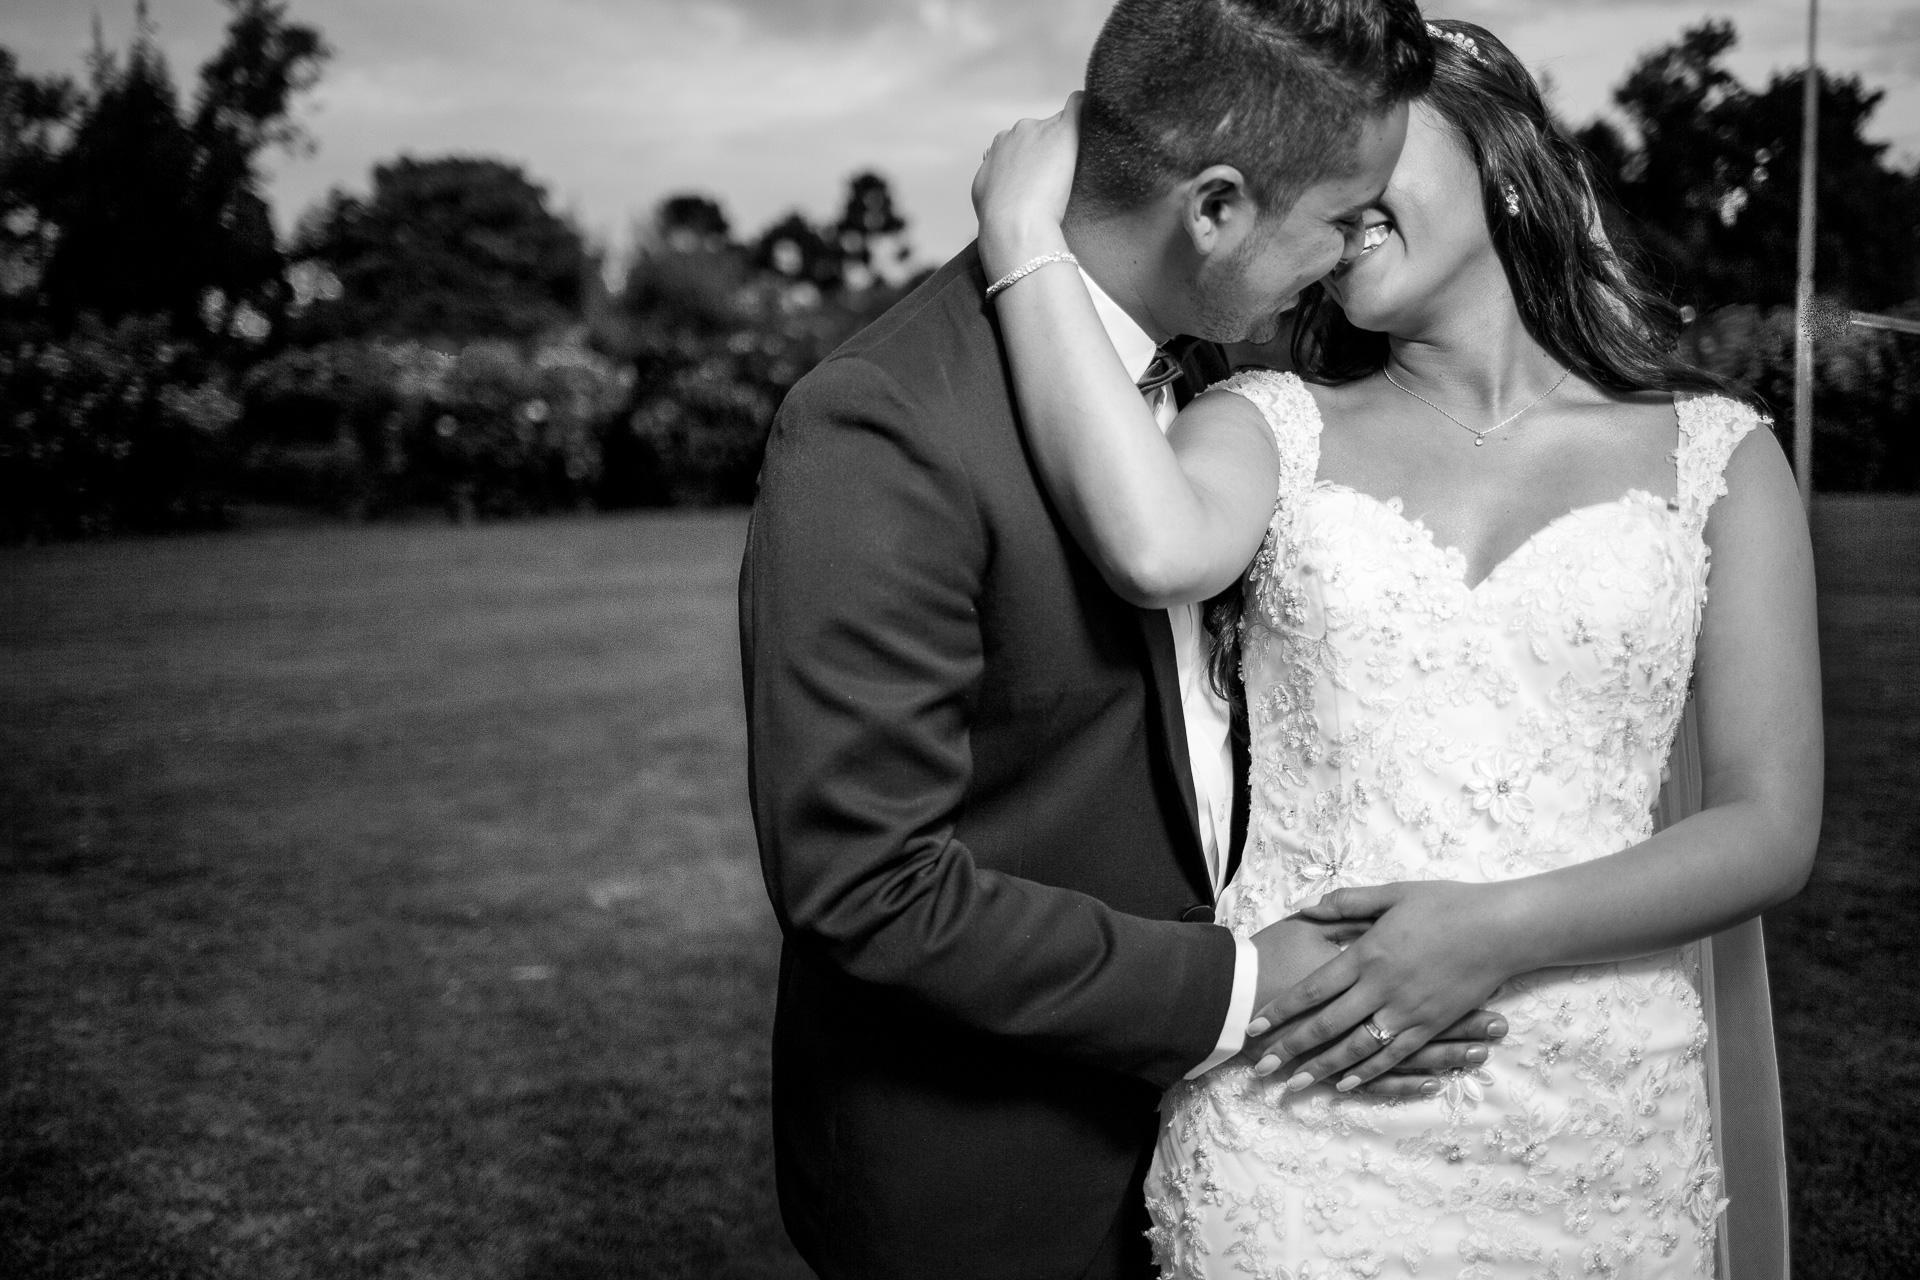 Fotógrafos-de-bodas-en-Colombia-Alejandro-y-Angelica-35 ALEJANDRO + ANGELICA